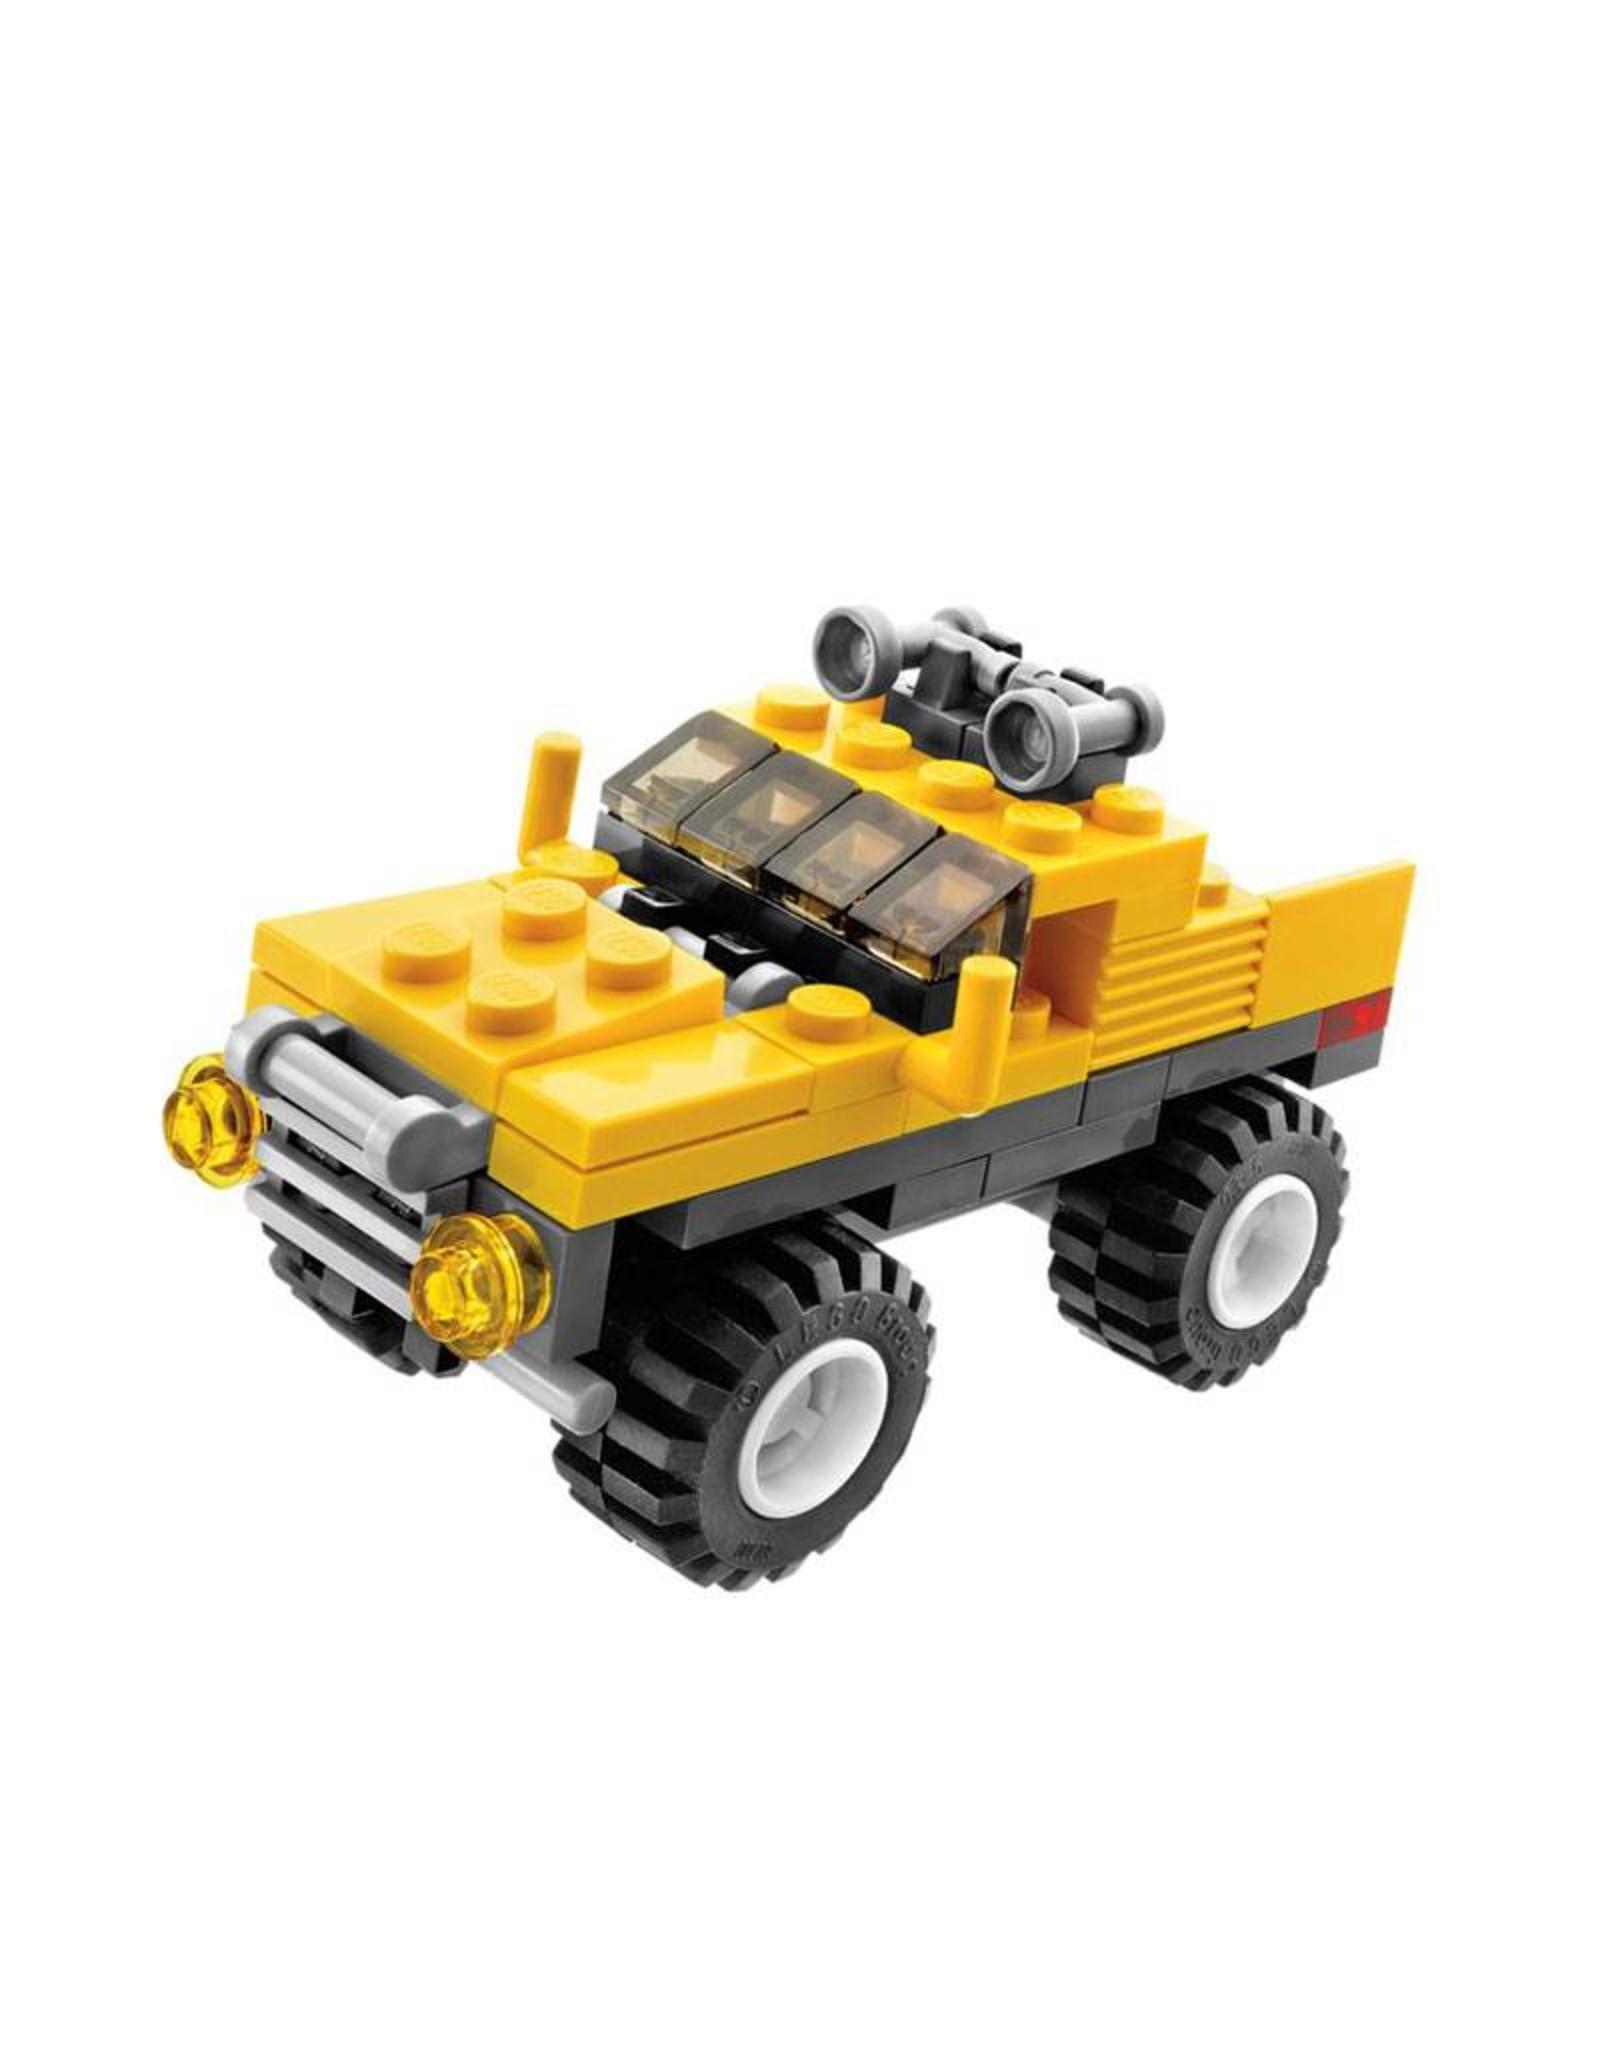 LEGO LEGO 6742 Mini Off-Roader CREATOR